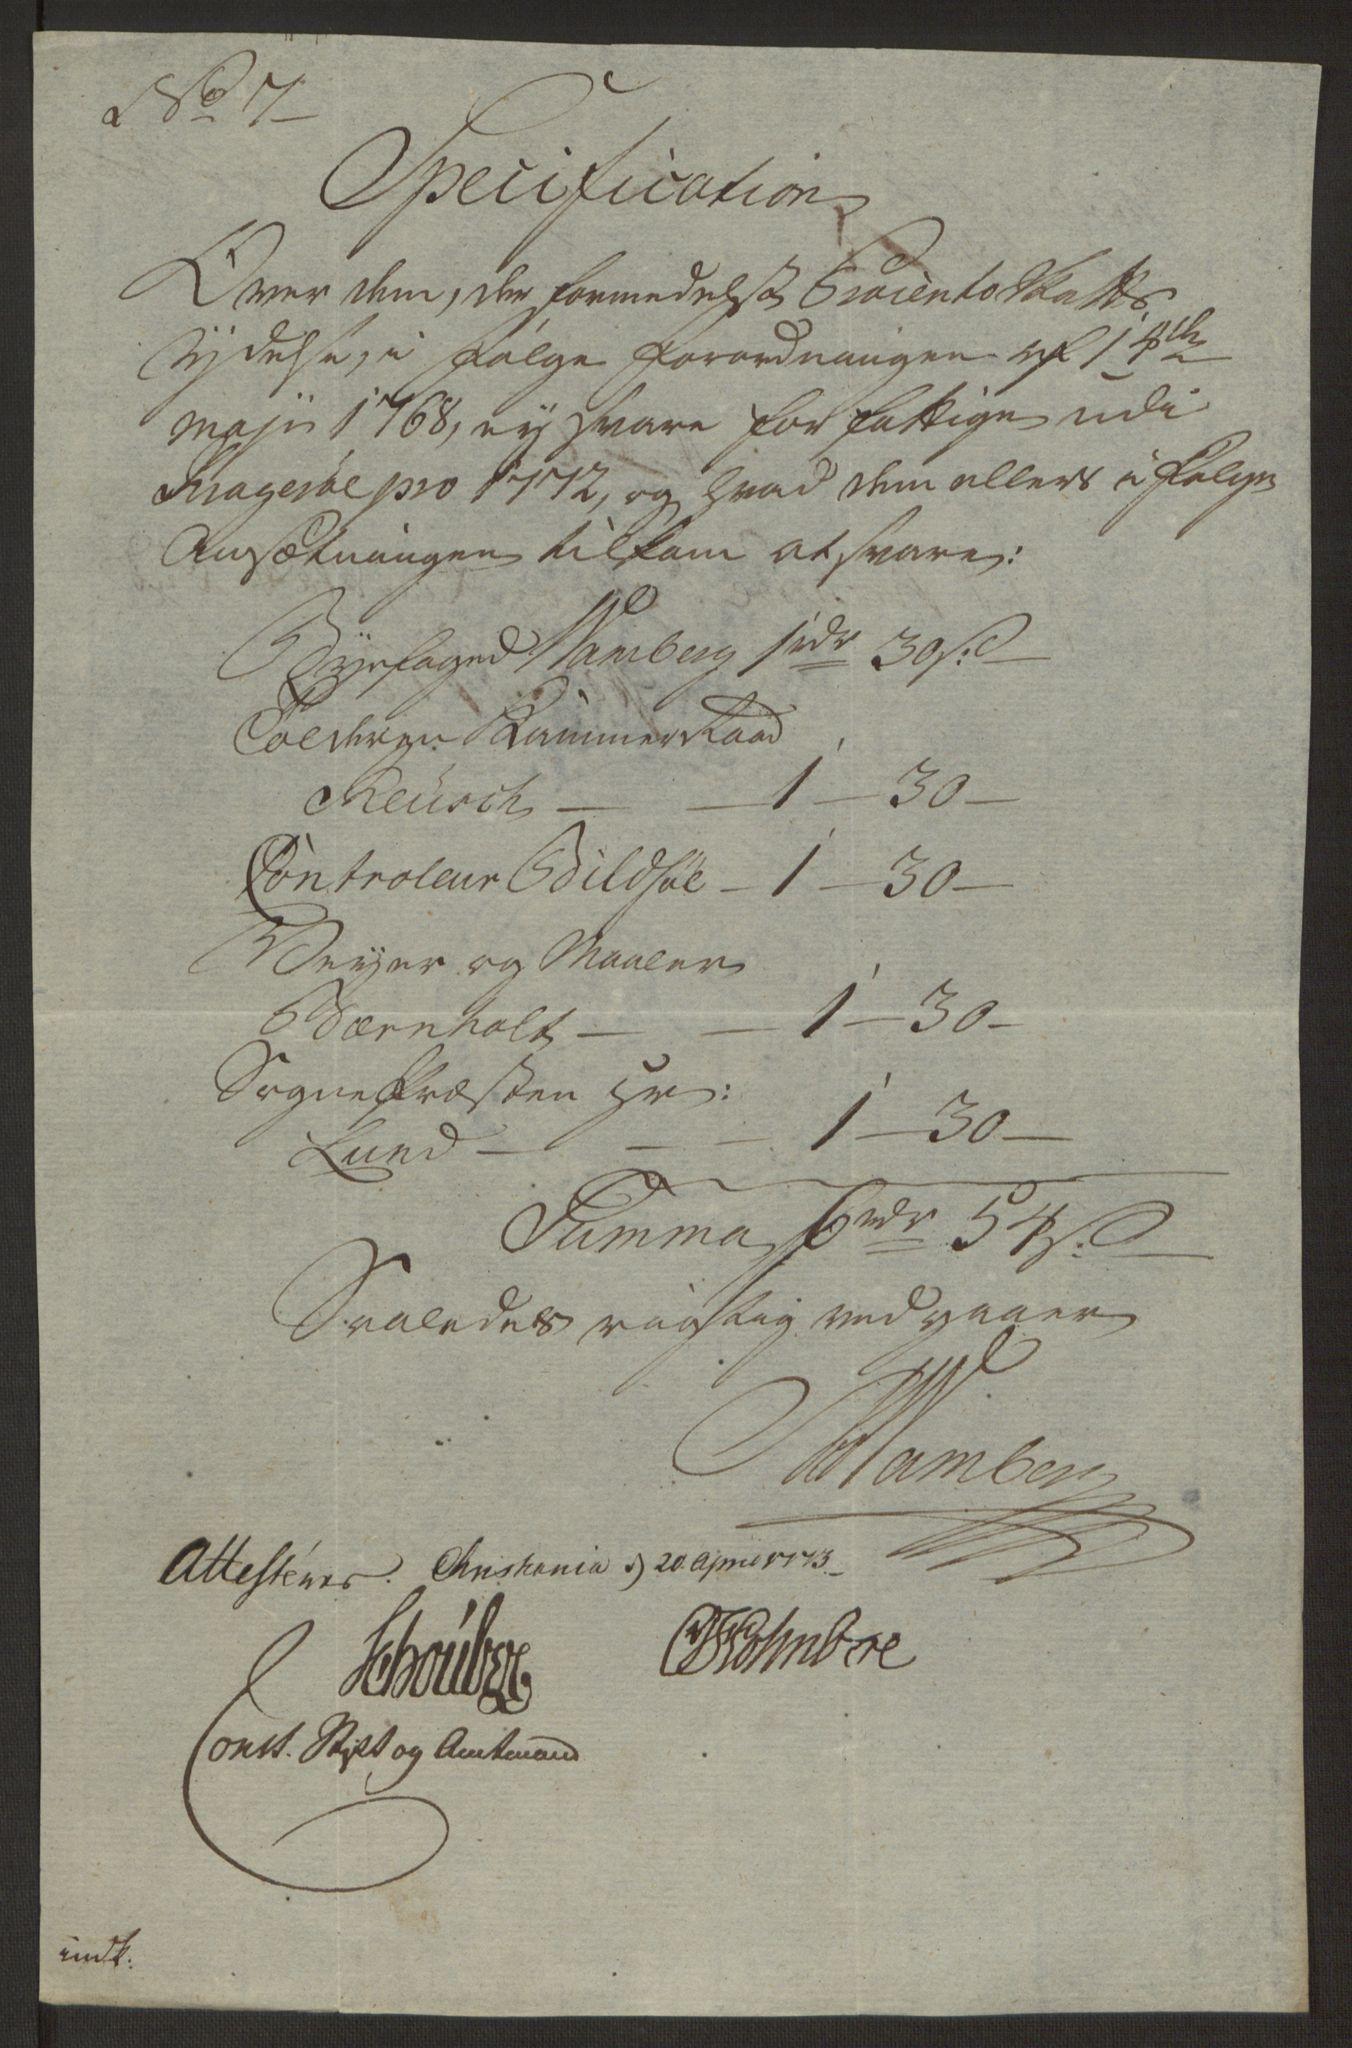 RA, Rentekammeret inntil 1814, Reviderte regnskaper, Byregnskaper, R/Rk/L0218: [K2] Kontribusjonsregnskap, 1768-1772, s. 96